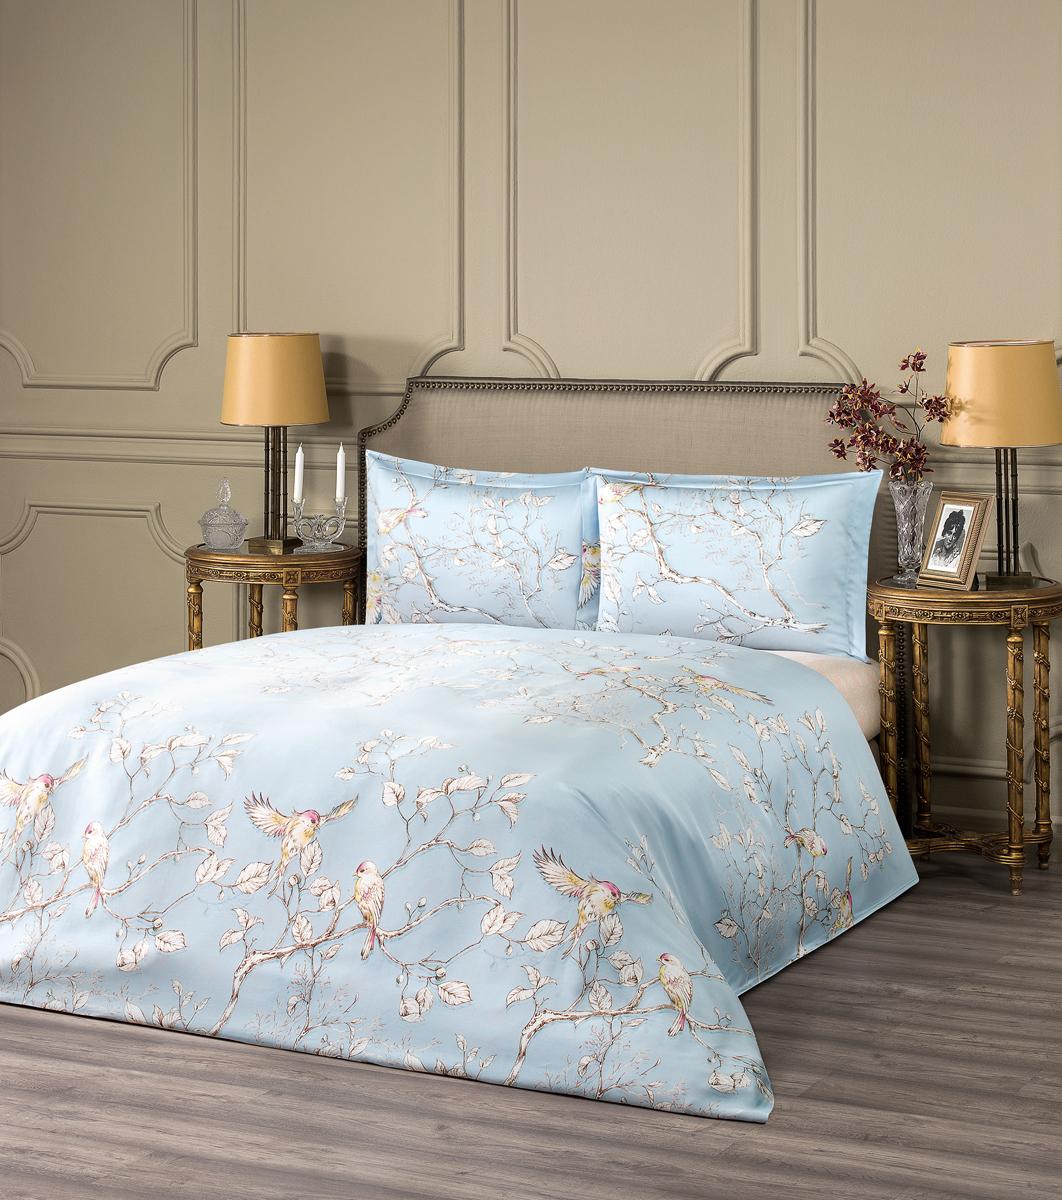 Комплект белья Estia Фиеста, 1,5-спальный, наволочки 50x70, цвет: светло-голубой99.57.41.0005Комплект белья Estia Фиеста из эвкалиптового тенселя, без декоративного материала с реактивной печатью, с прямоугольной наволочкой 50х70 -высокое качество и оригинальный дизайн без ущерба для бюджета. Чтобы получить ткань тенсел, стебли и листья эвкалипта подвергают термической обработке. Как и любая другая искусственная ткань, тенсел на100% состоит из натуральных волокон. Постельное белье из тенсела по гладкости и мягкости напоминает шелк, но не такое скользкое. Попрочности он не уступает сатину, а по бактерицидным свойствам не хуже бамбука. Главное отличие тенсела в том, что он очень хорошо впитываетвлагу и быстро сохнет. ESTIA - это итальянская классика, где винтажный стиль и щедрое использование аутентичных элементов декора дополняются высокимкачеством тканей. Все это, а также исключительная практичность и простота в эксплуатации делают продукцию бренда эталоном современногокомфорта. Если вы искали совершенства - вы его нашли: ESTIA - это настоящее украшение, которое преобразит не только ваш интерьер, но и вашу жизнь.